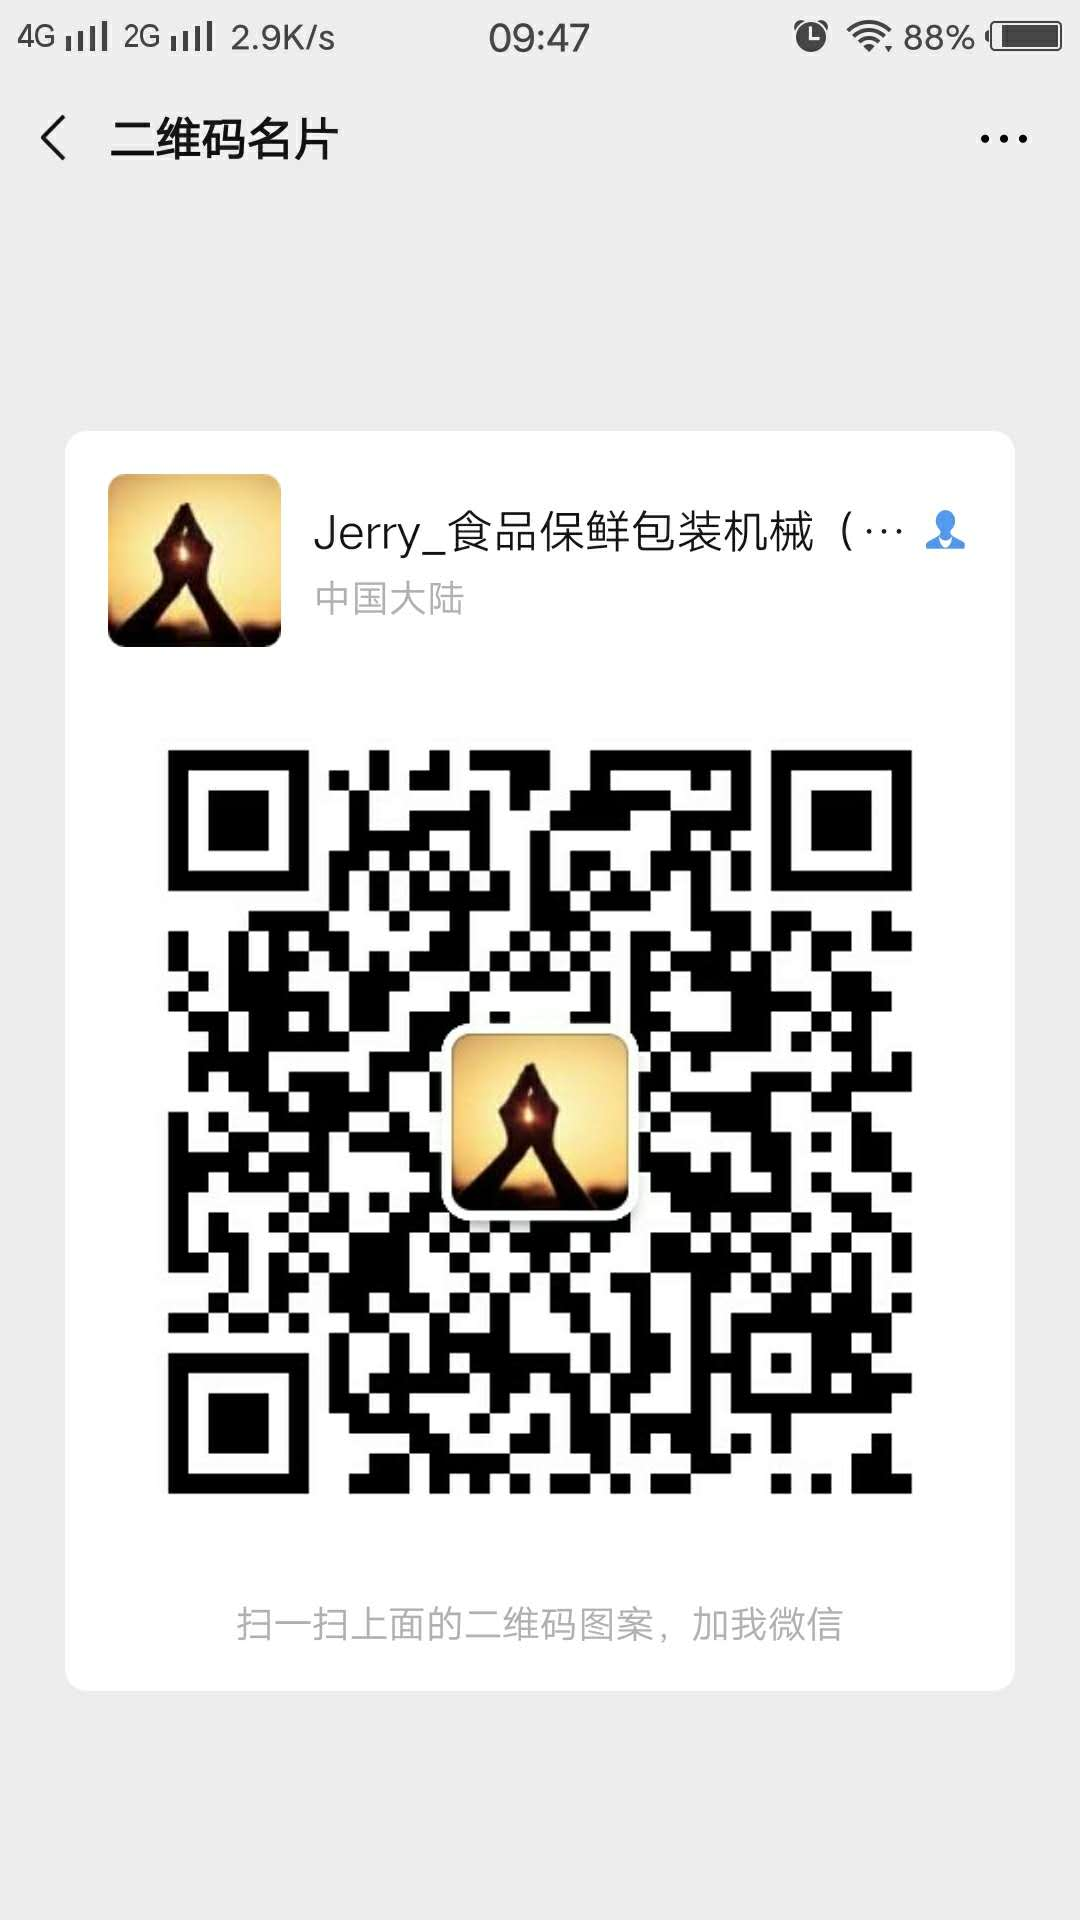 上海集信包装机械有限公司